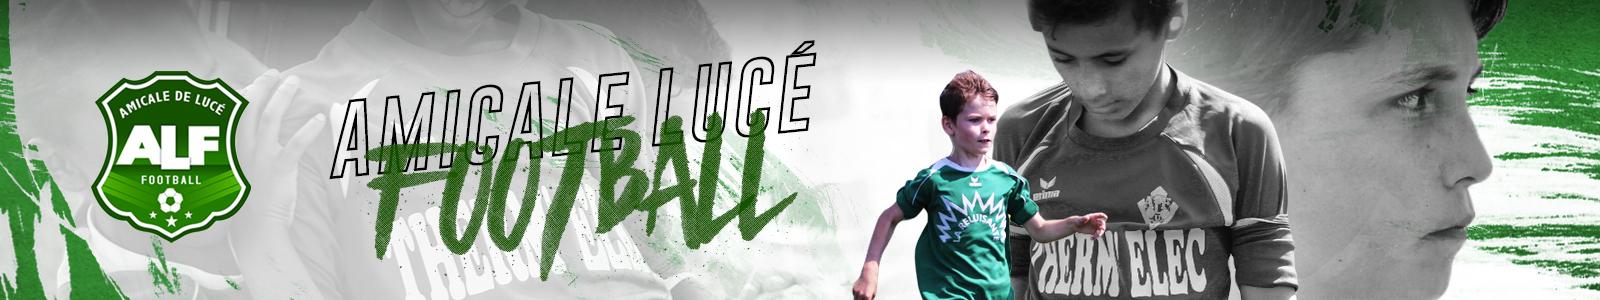 Amicale de Lucé Football : site officiel du club de foot de Lucé - footeo